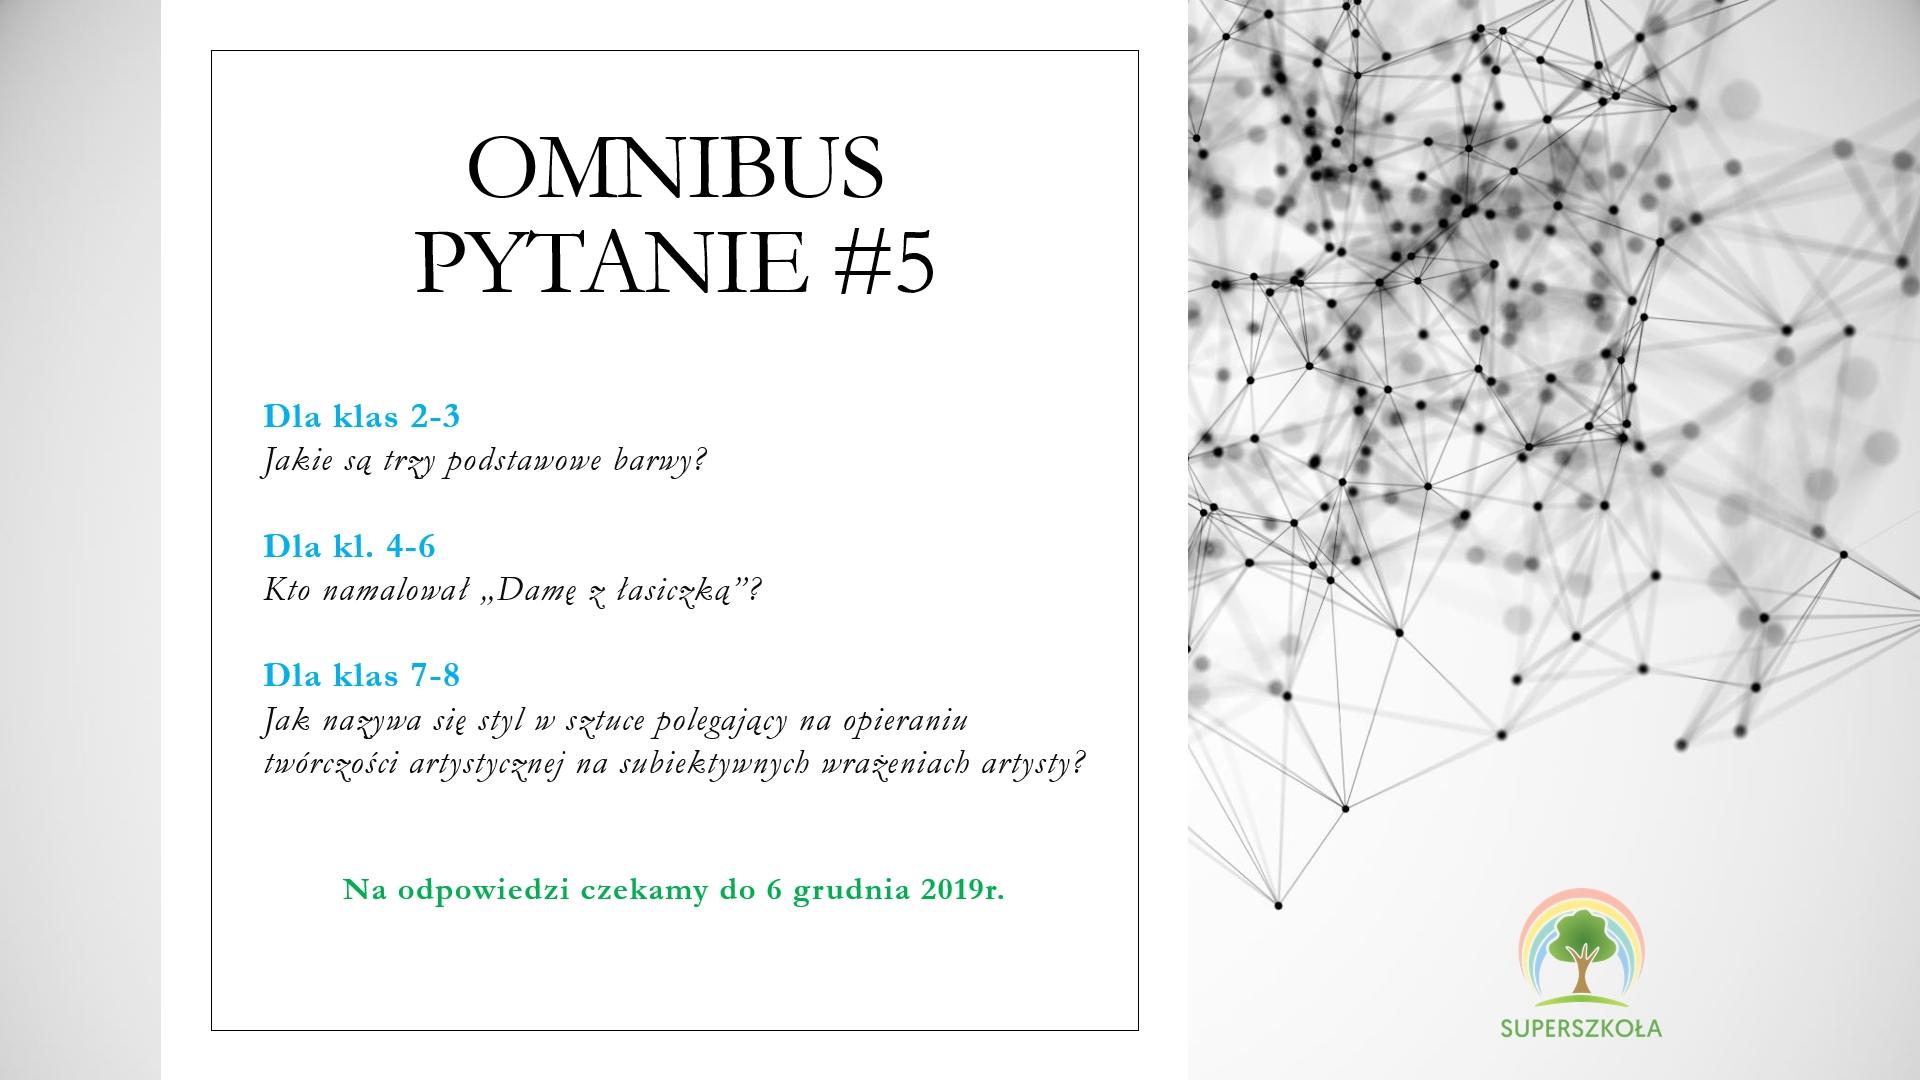 omnibus_pyt_5